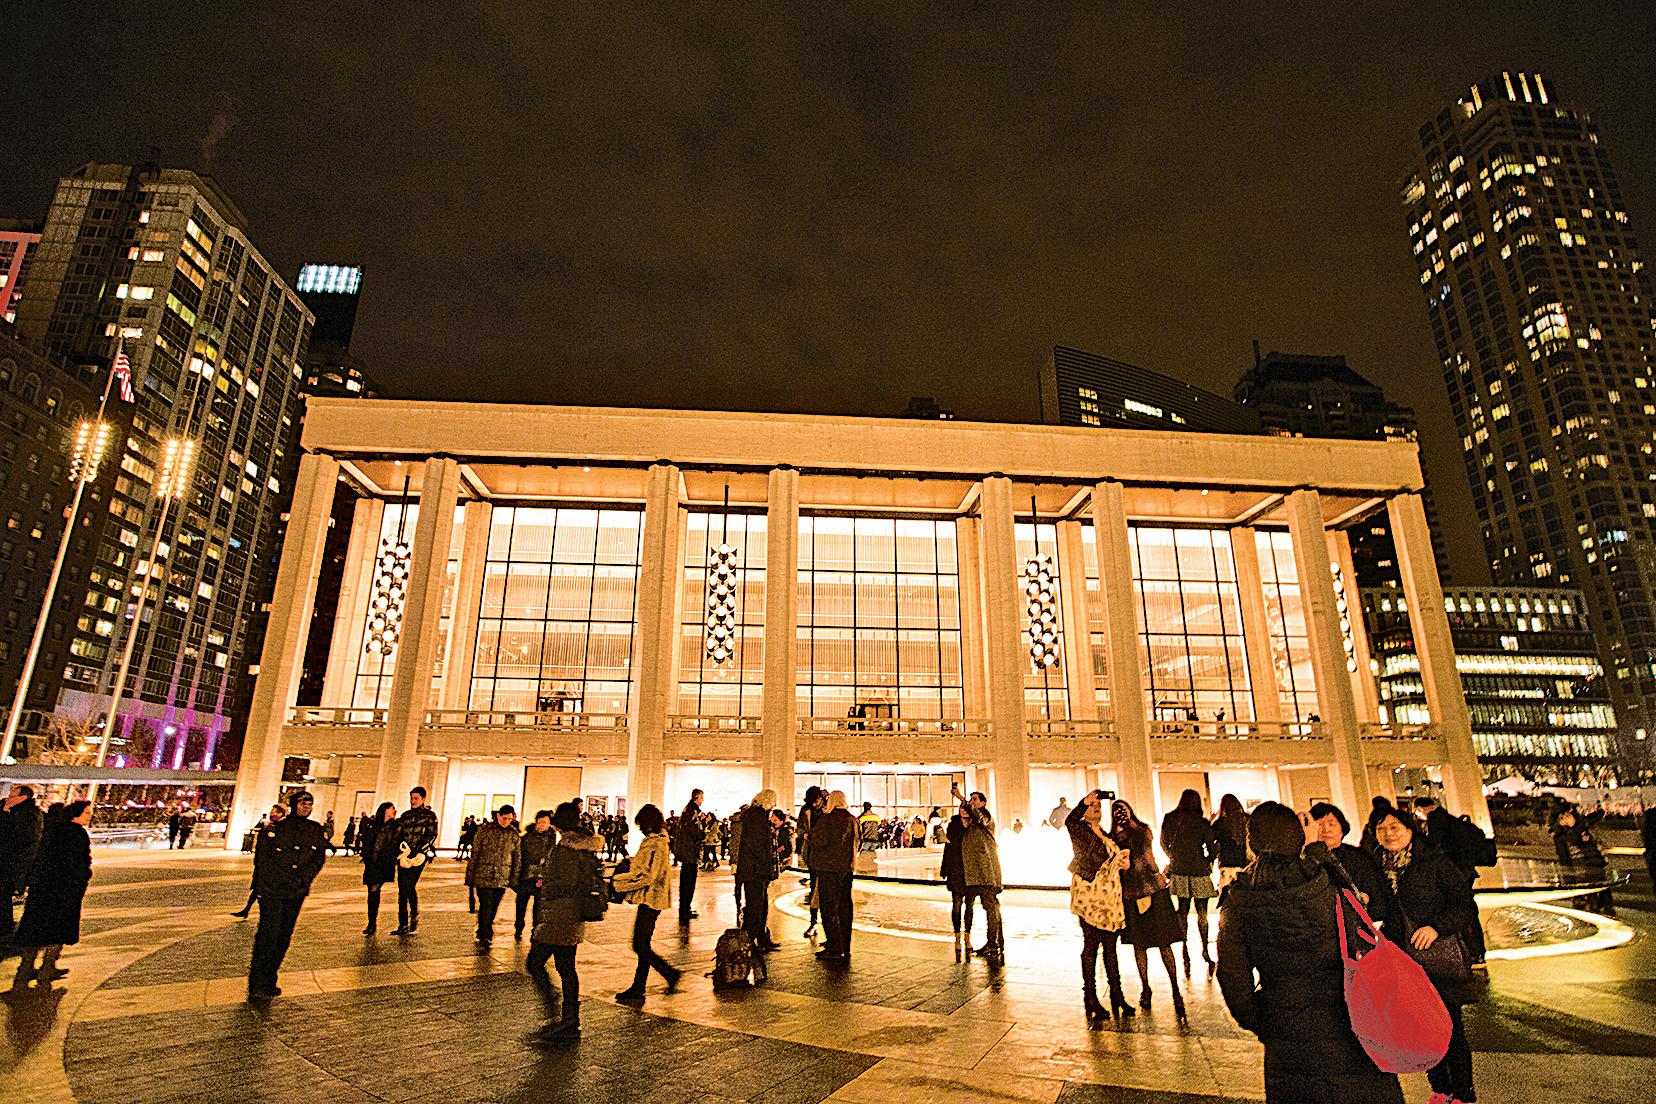 2016年1月14日,神韻紐約藝術團在林肯中心大衛寇克劇院舉行首演。圖為演出開始前,在劇院外拍照,等待入場的人群。(大紀元資料室)